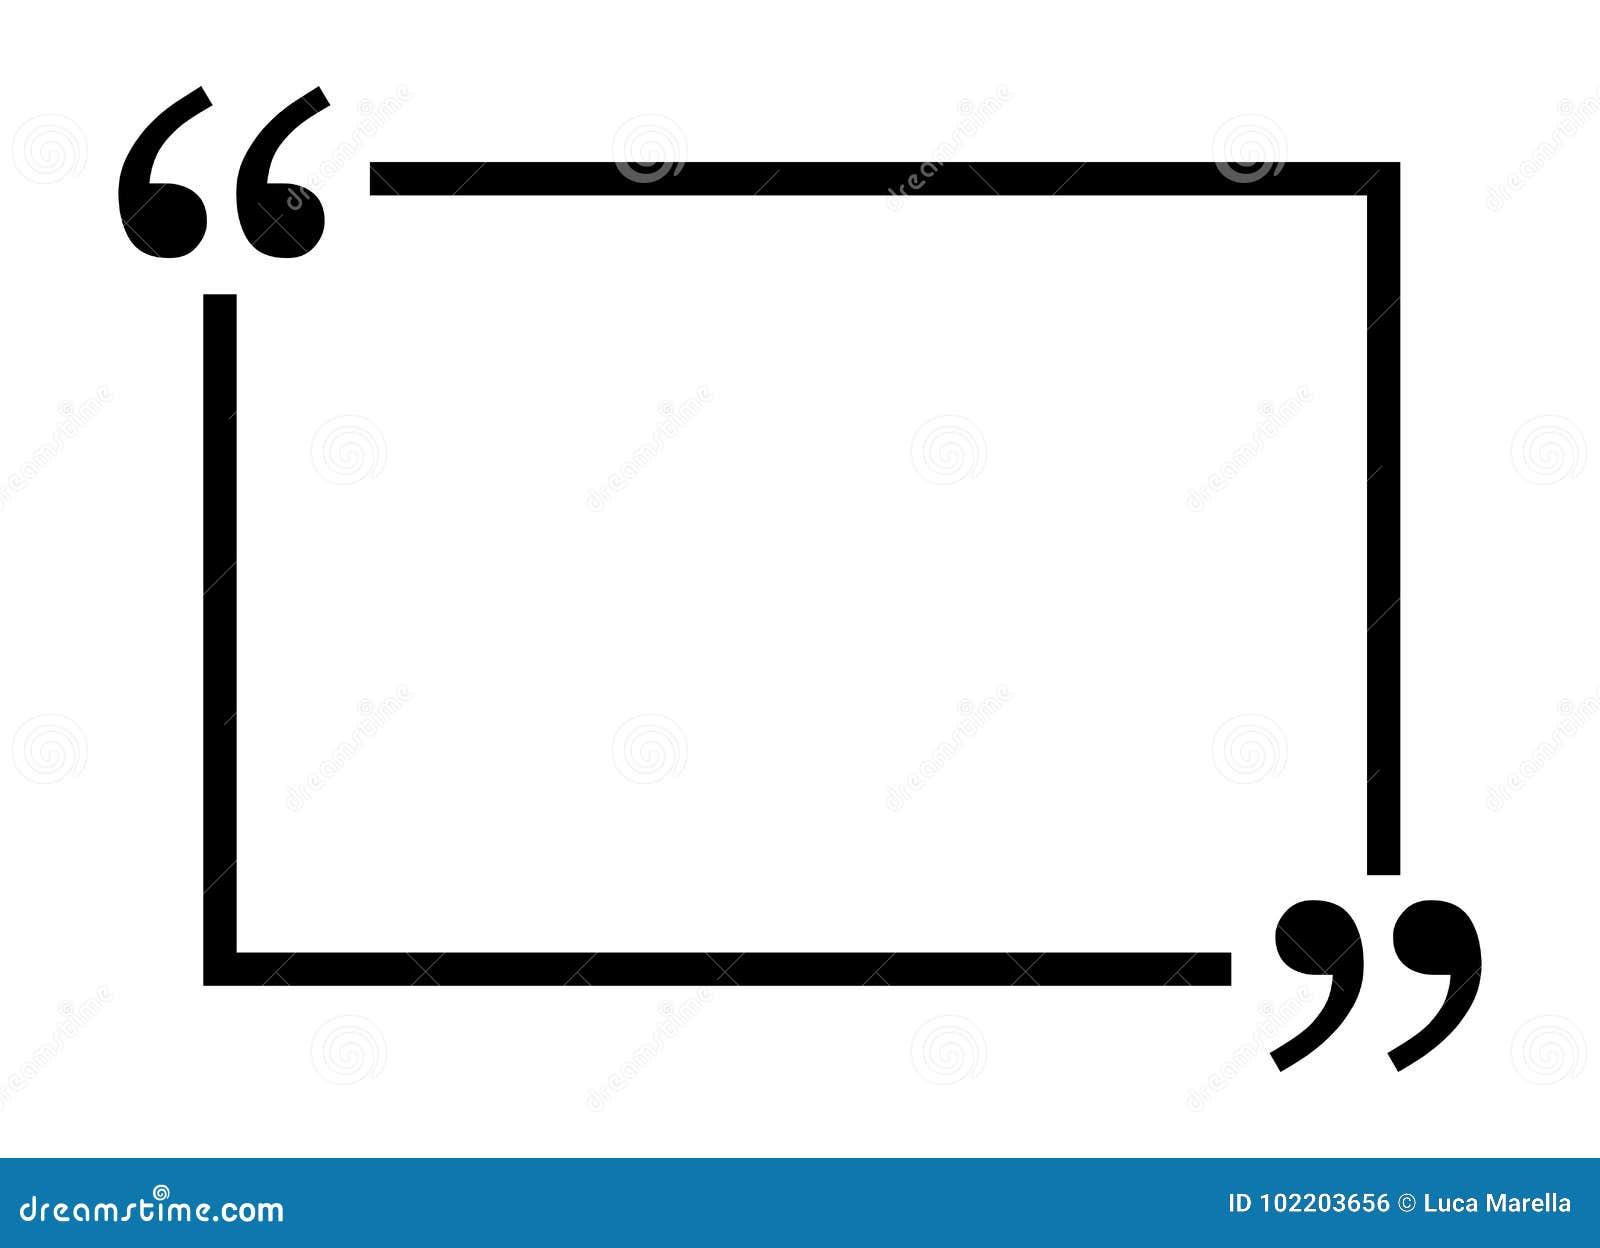 Ausgezeichnet Picture Frame Quote Galerie - Benutzerdefinierte ...